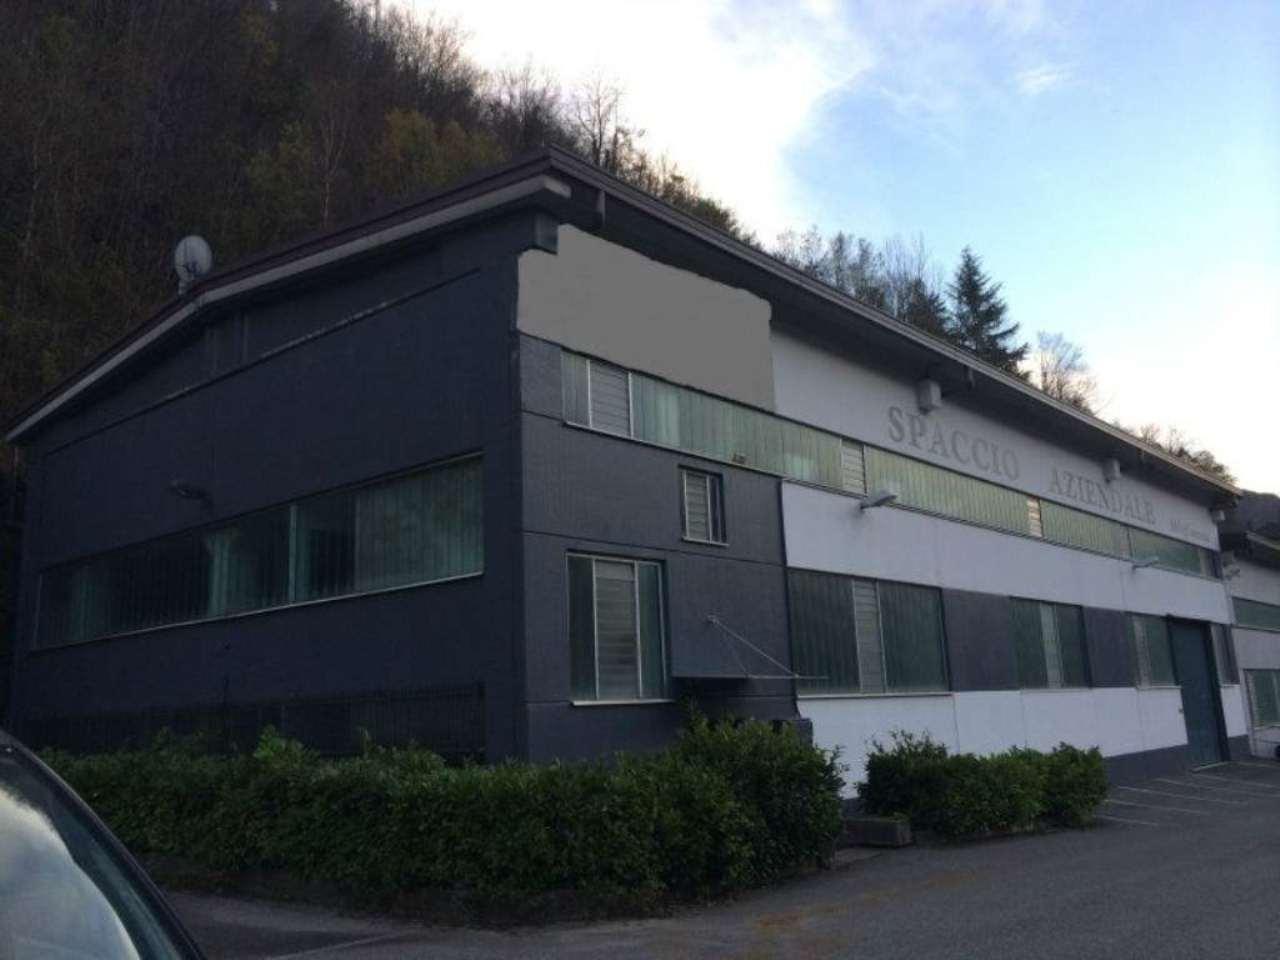 Capannone in vendita a Camerata Cornello, 33 locali, prezzo € 400.000 | CambioCasa.it